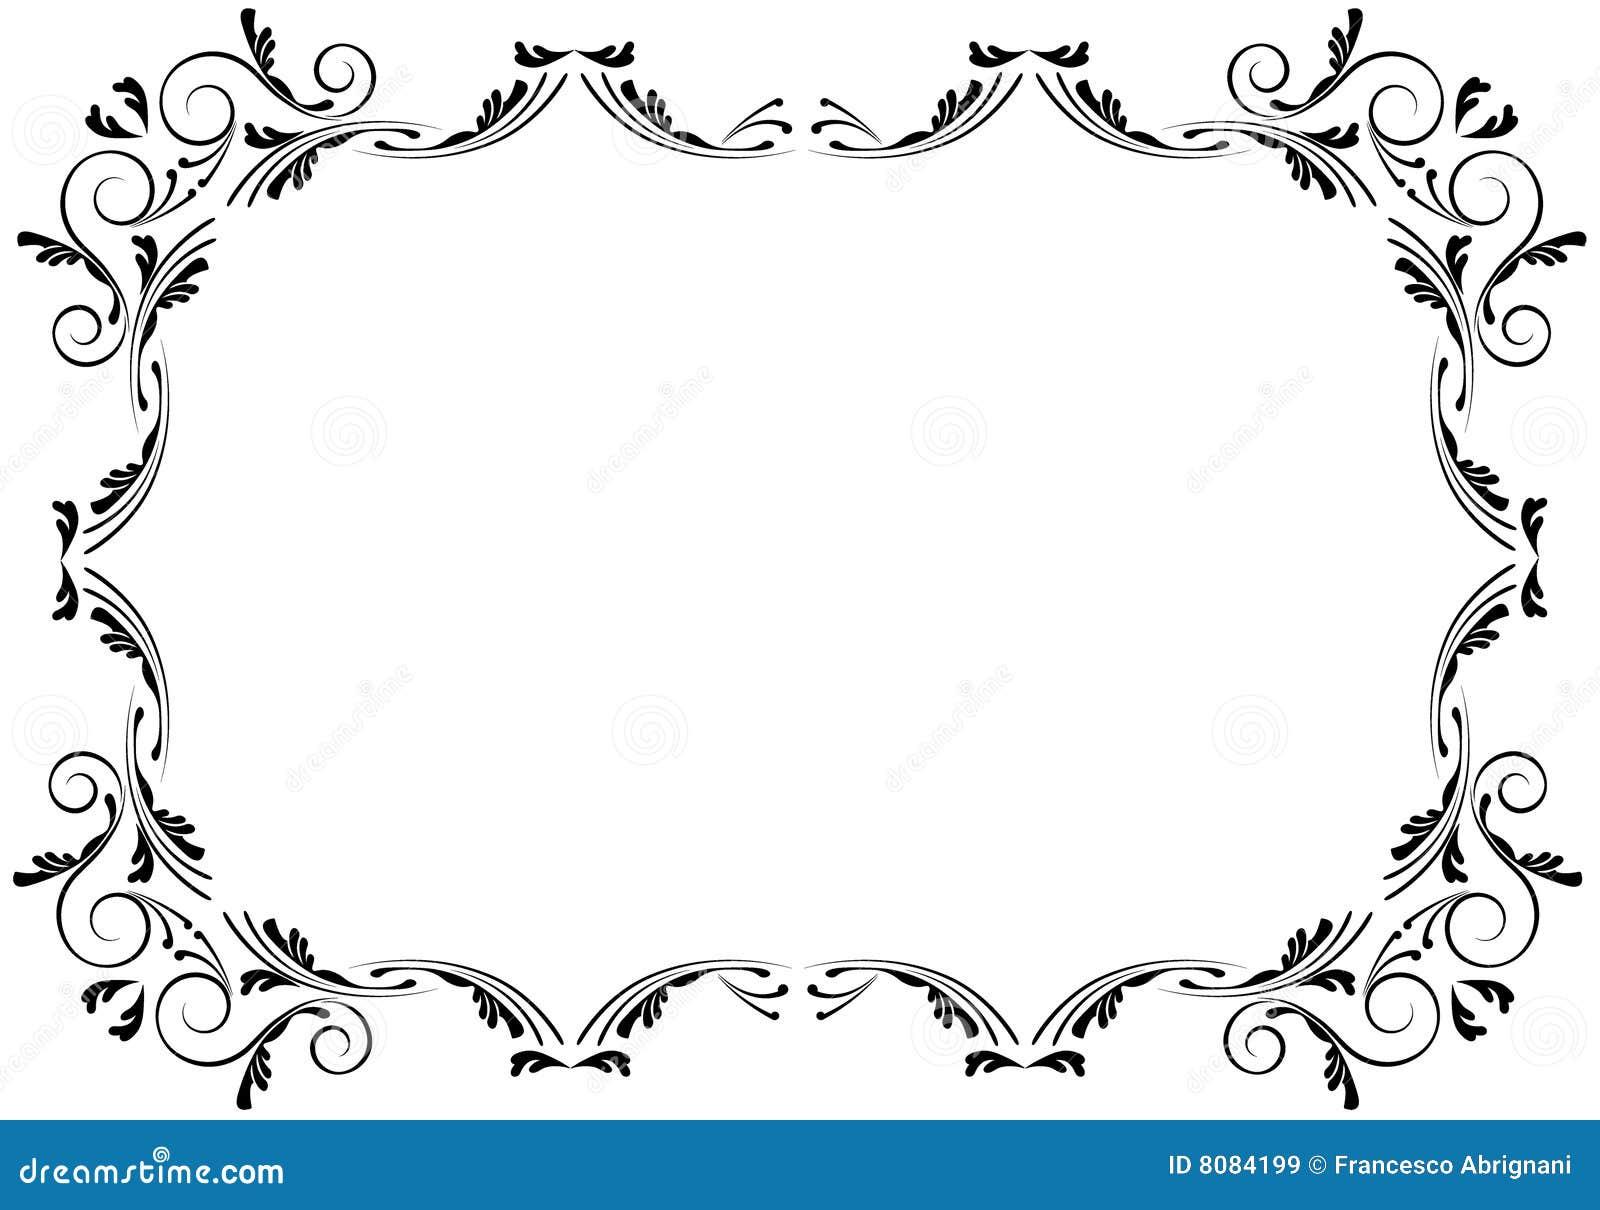 Angoli e bordi immagini stock libere da diritti immagine for Bordi decorativi